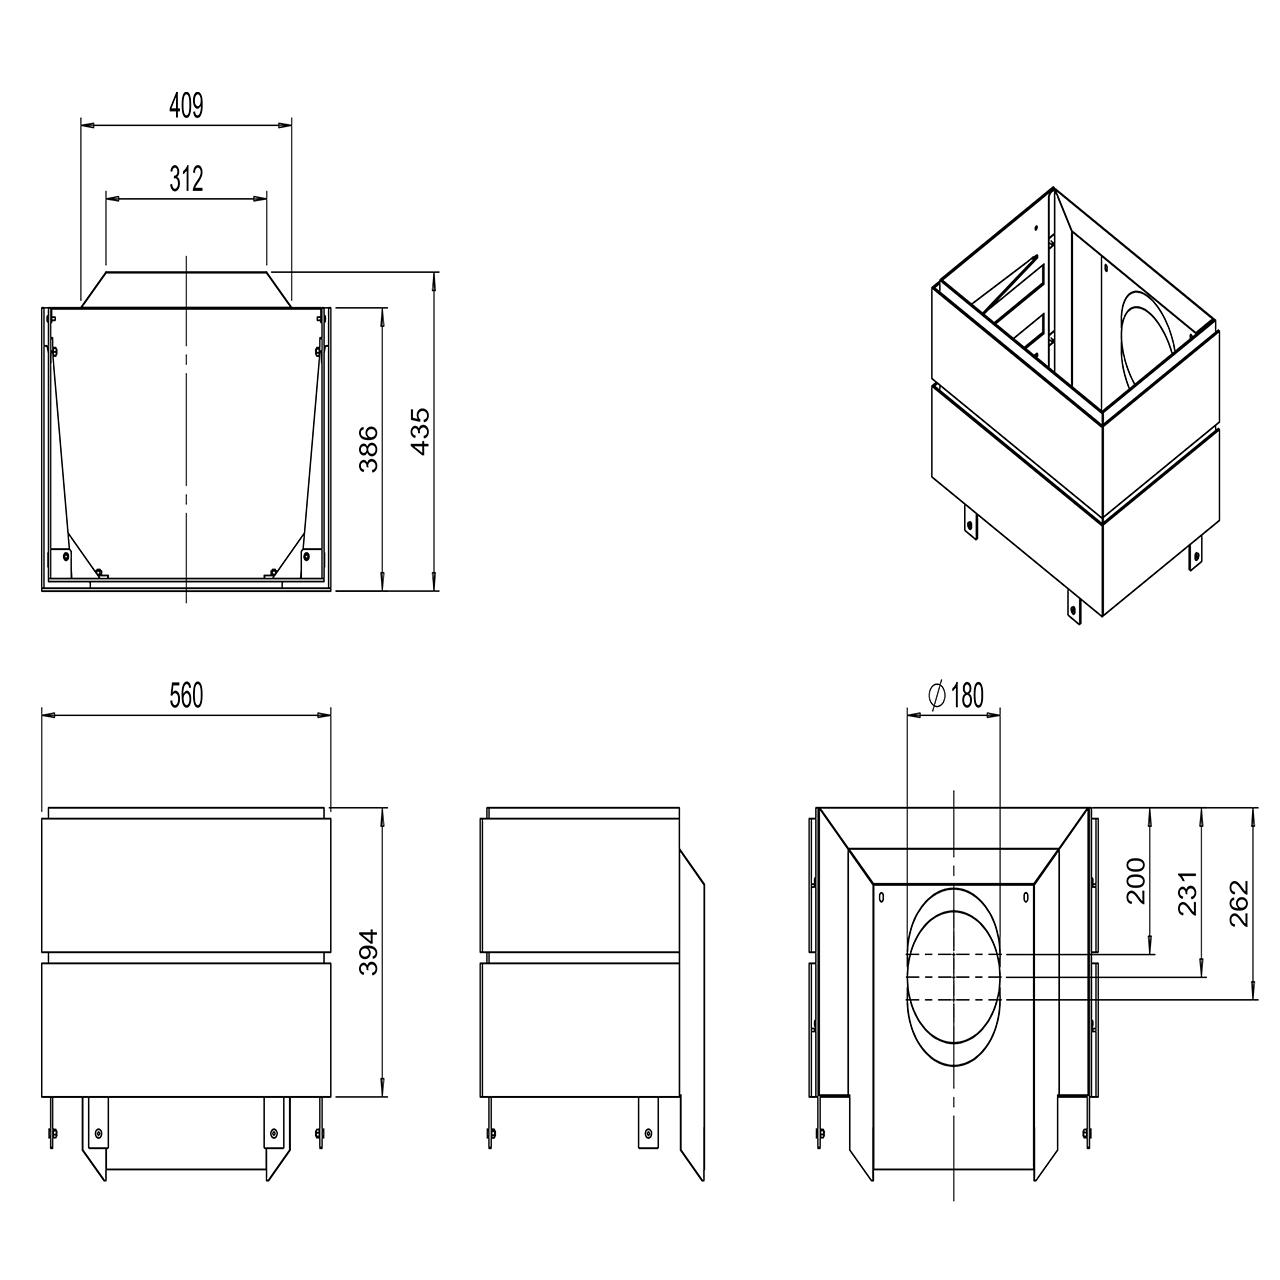 faber-blokhus-Aufsatzmodul-1